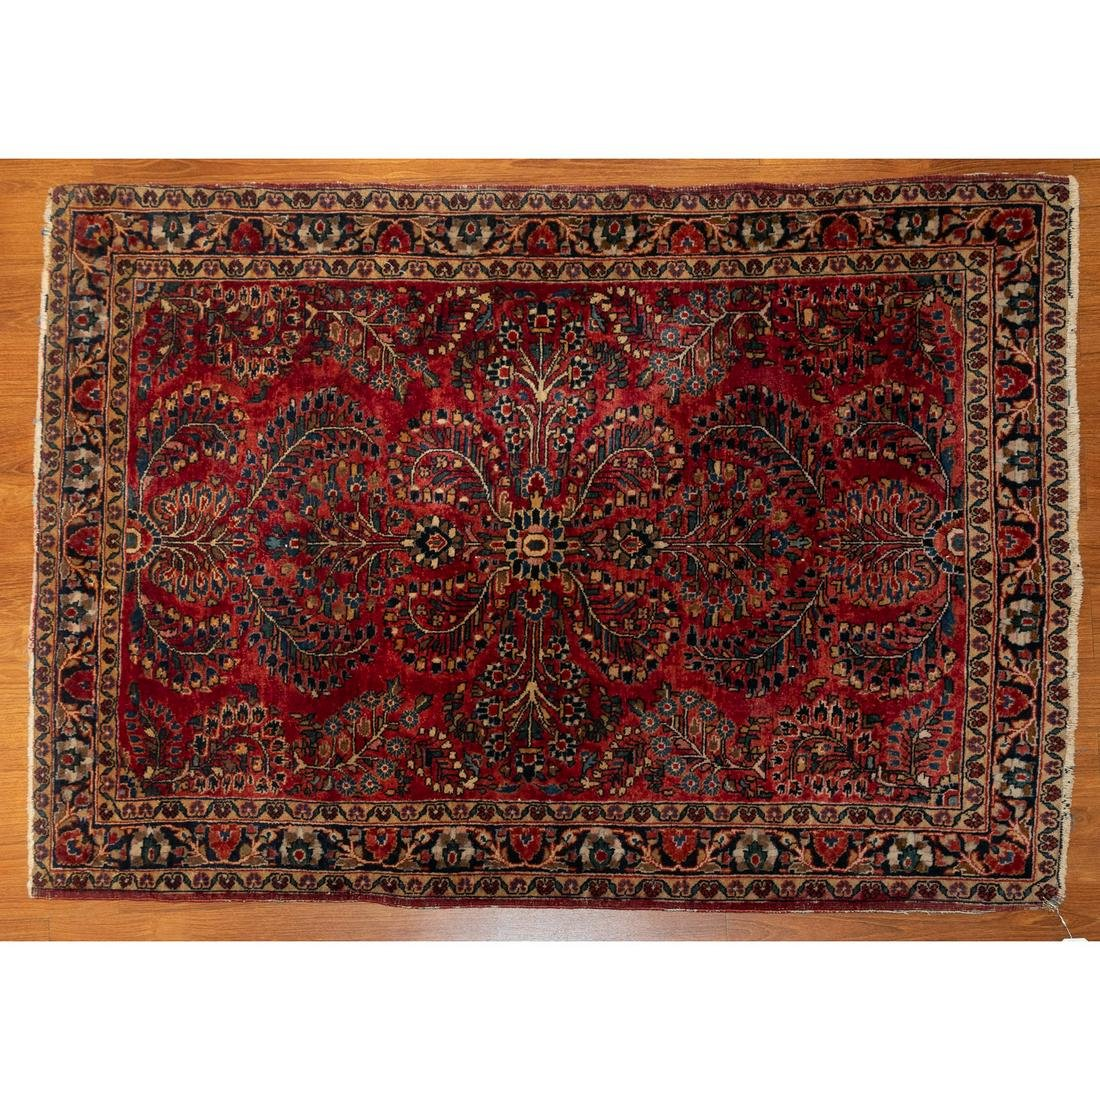 Semi Antique Sarouk Rug, Persia, 3.4 x 4.8